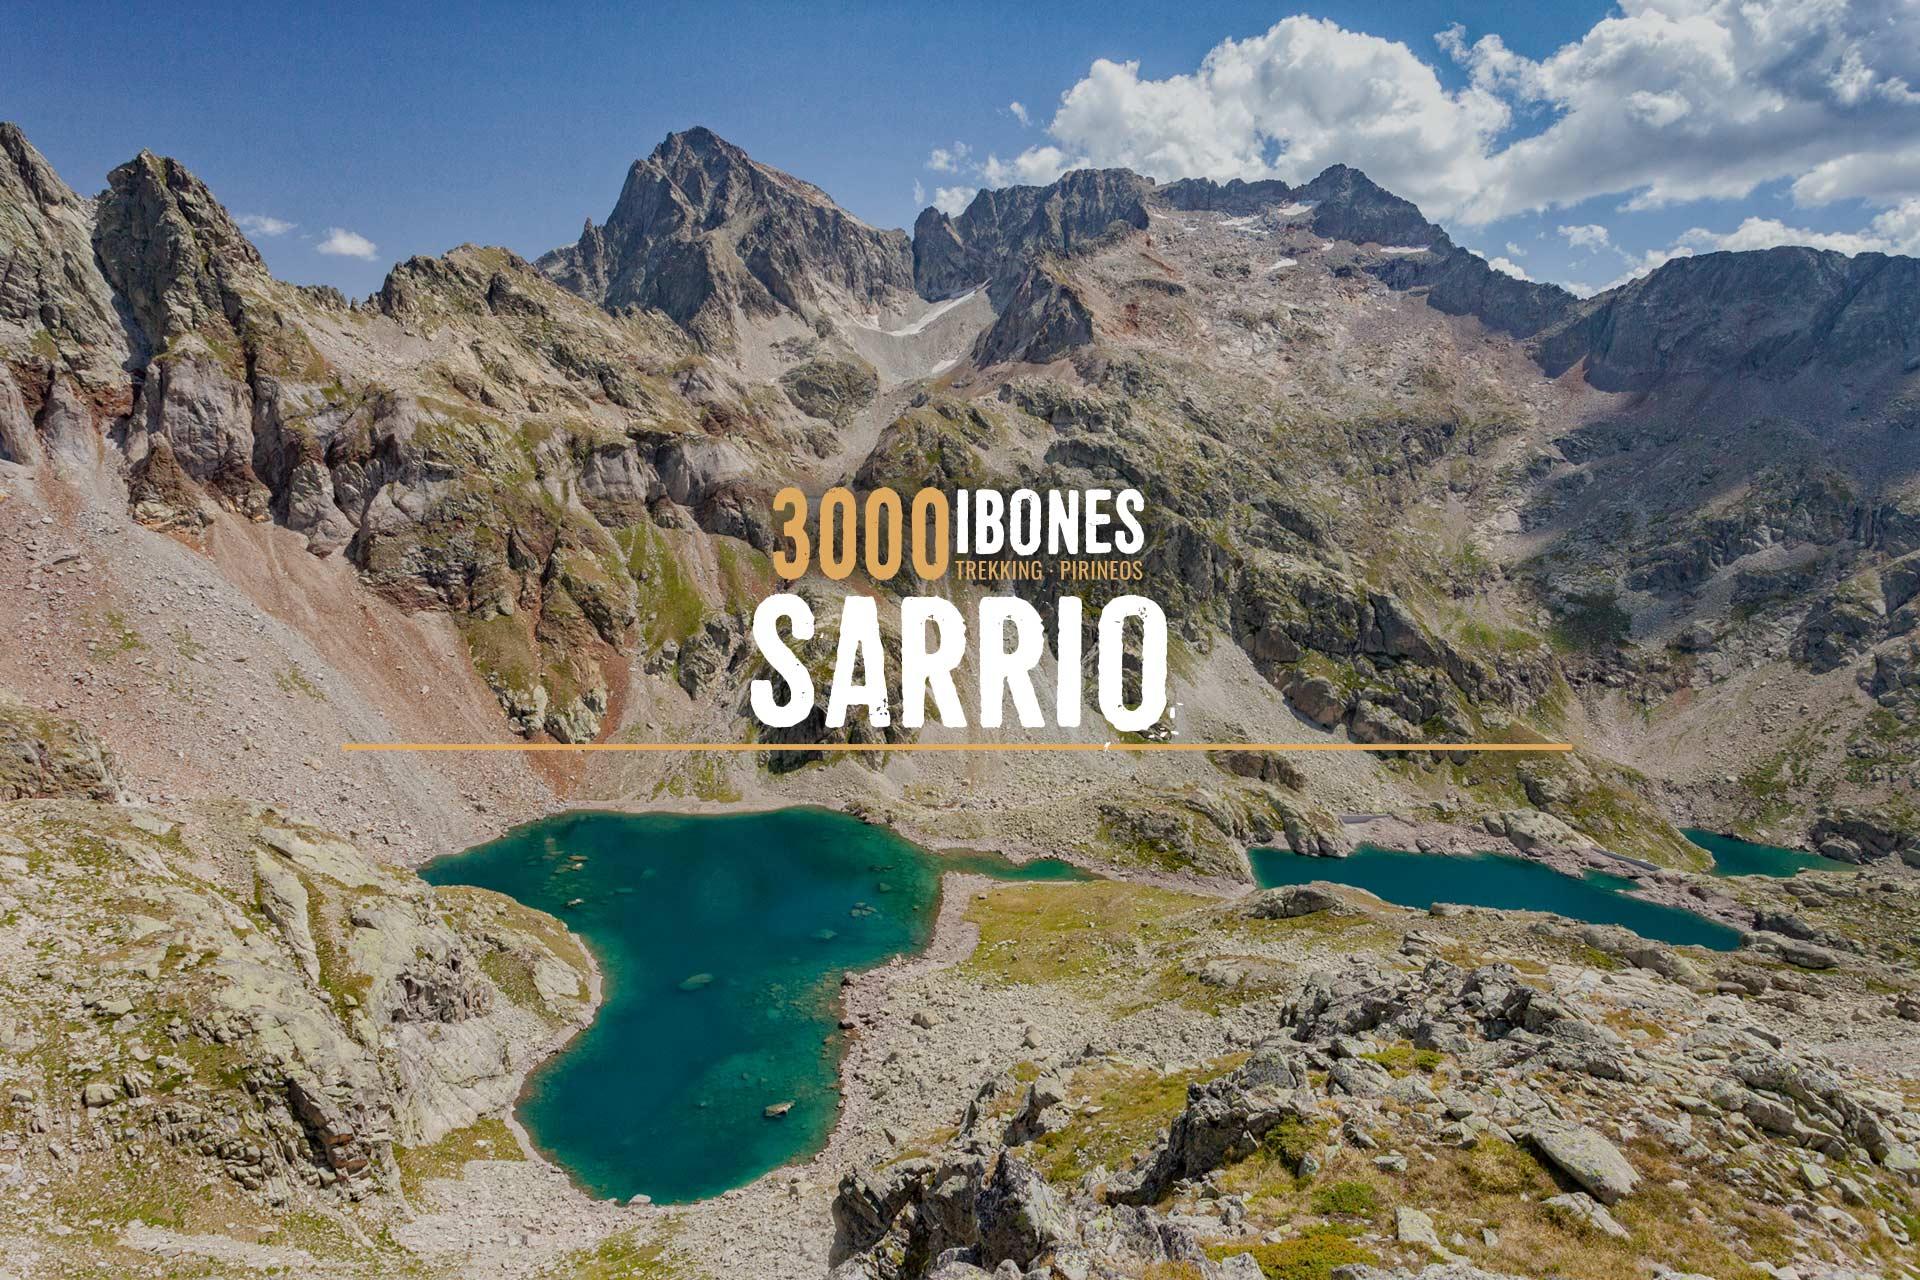 RUTA CIRCULAR PIRINEOS 5 DÍAS 3000 IBONES SARRIO